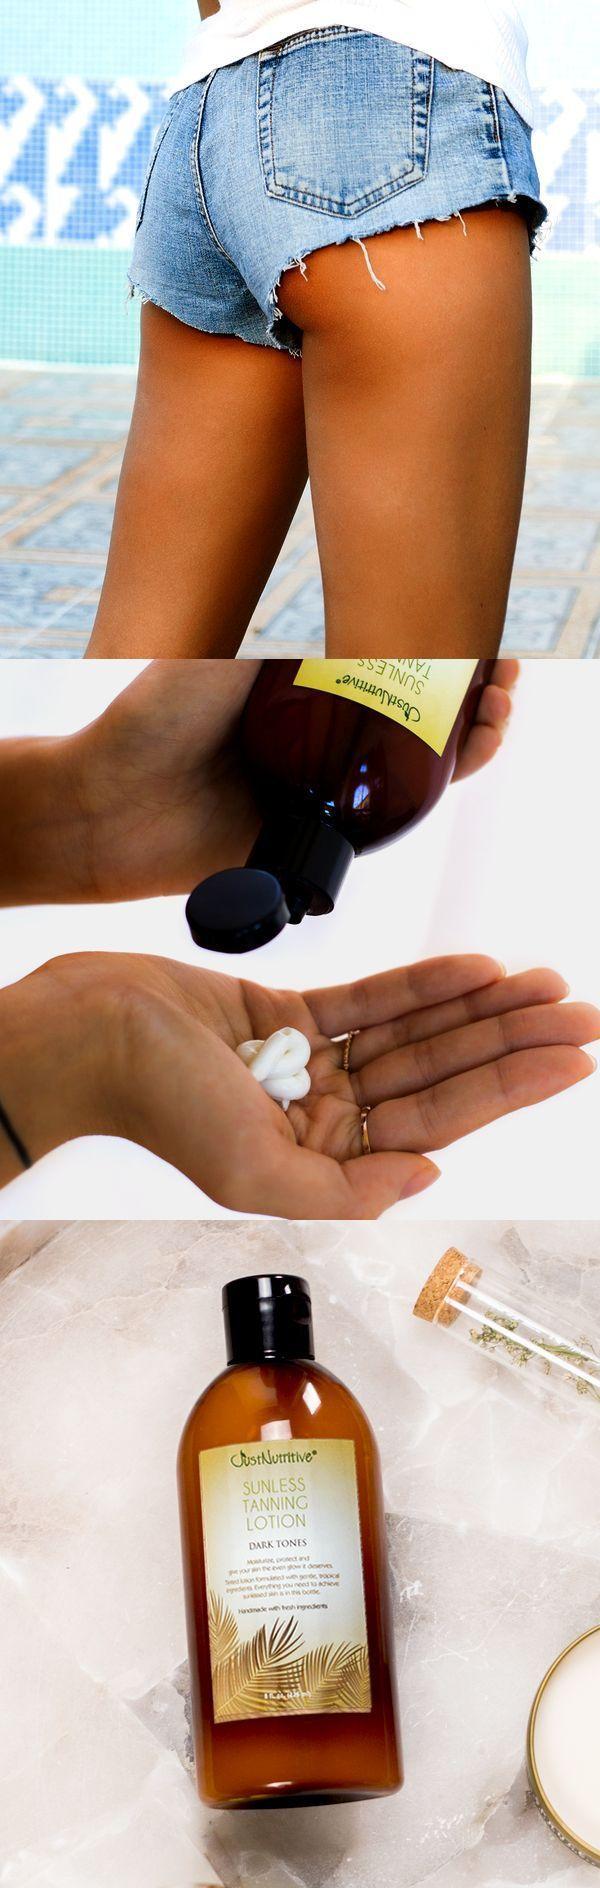 32 besten nails Bilder auf Pinterest   Süße nägel, Beauty und ...